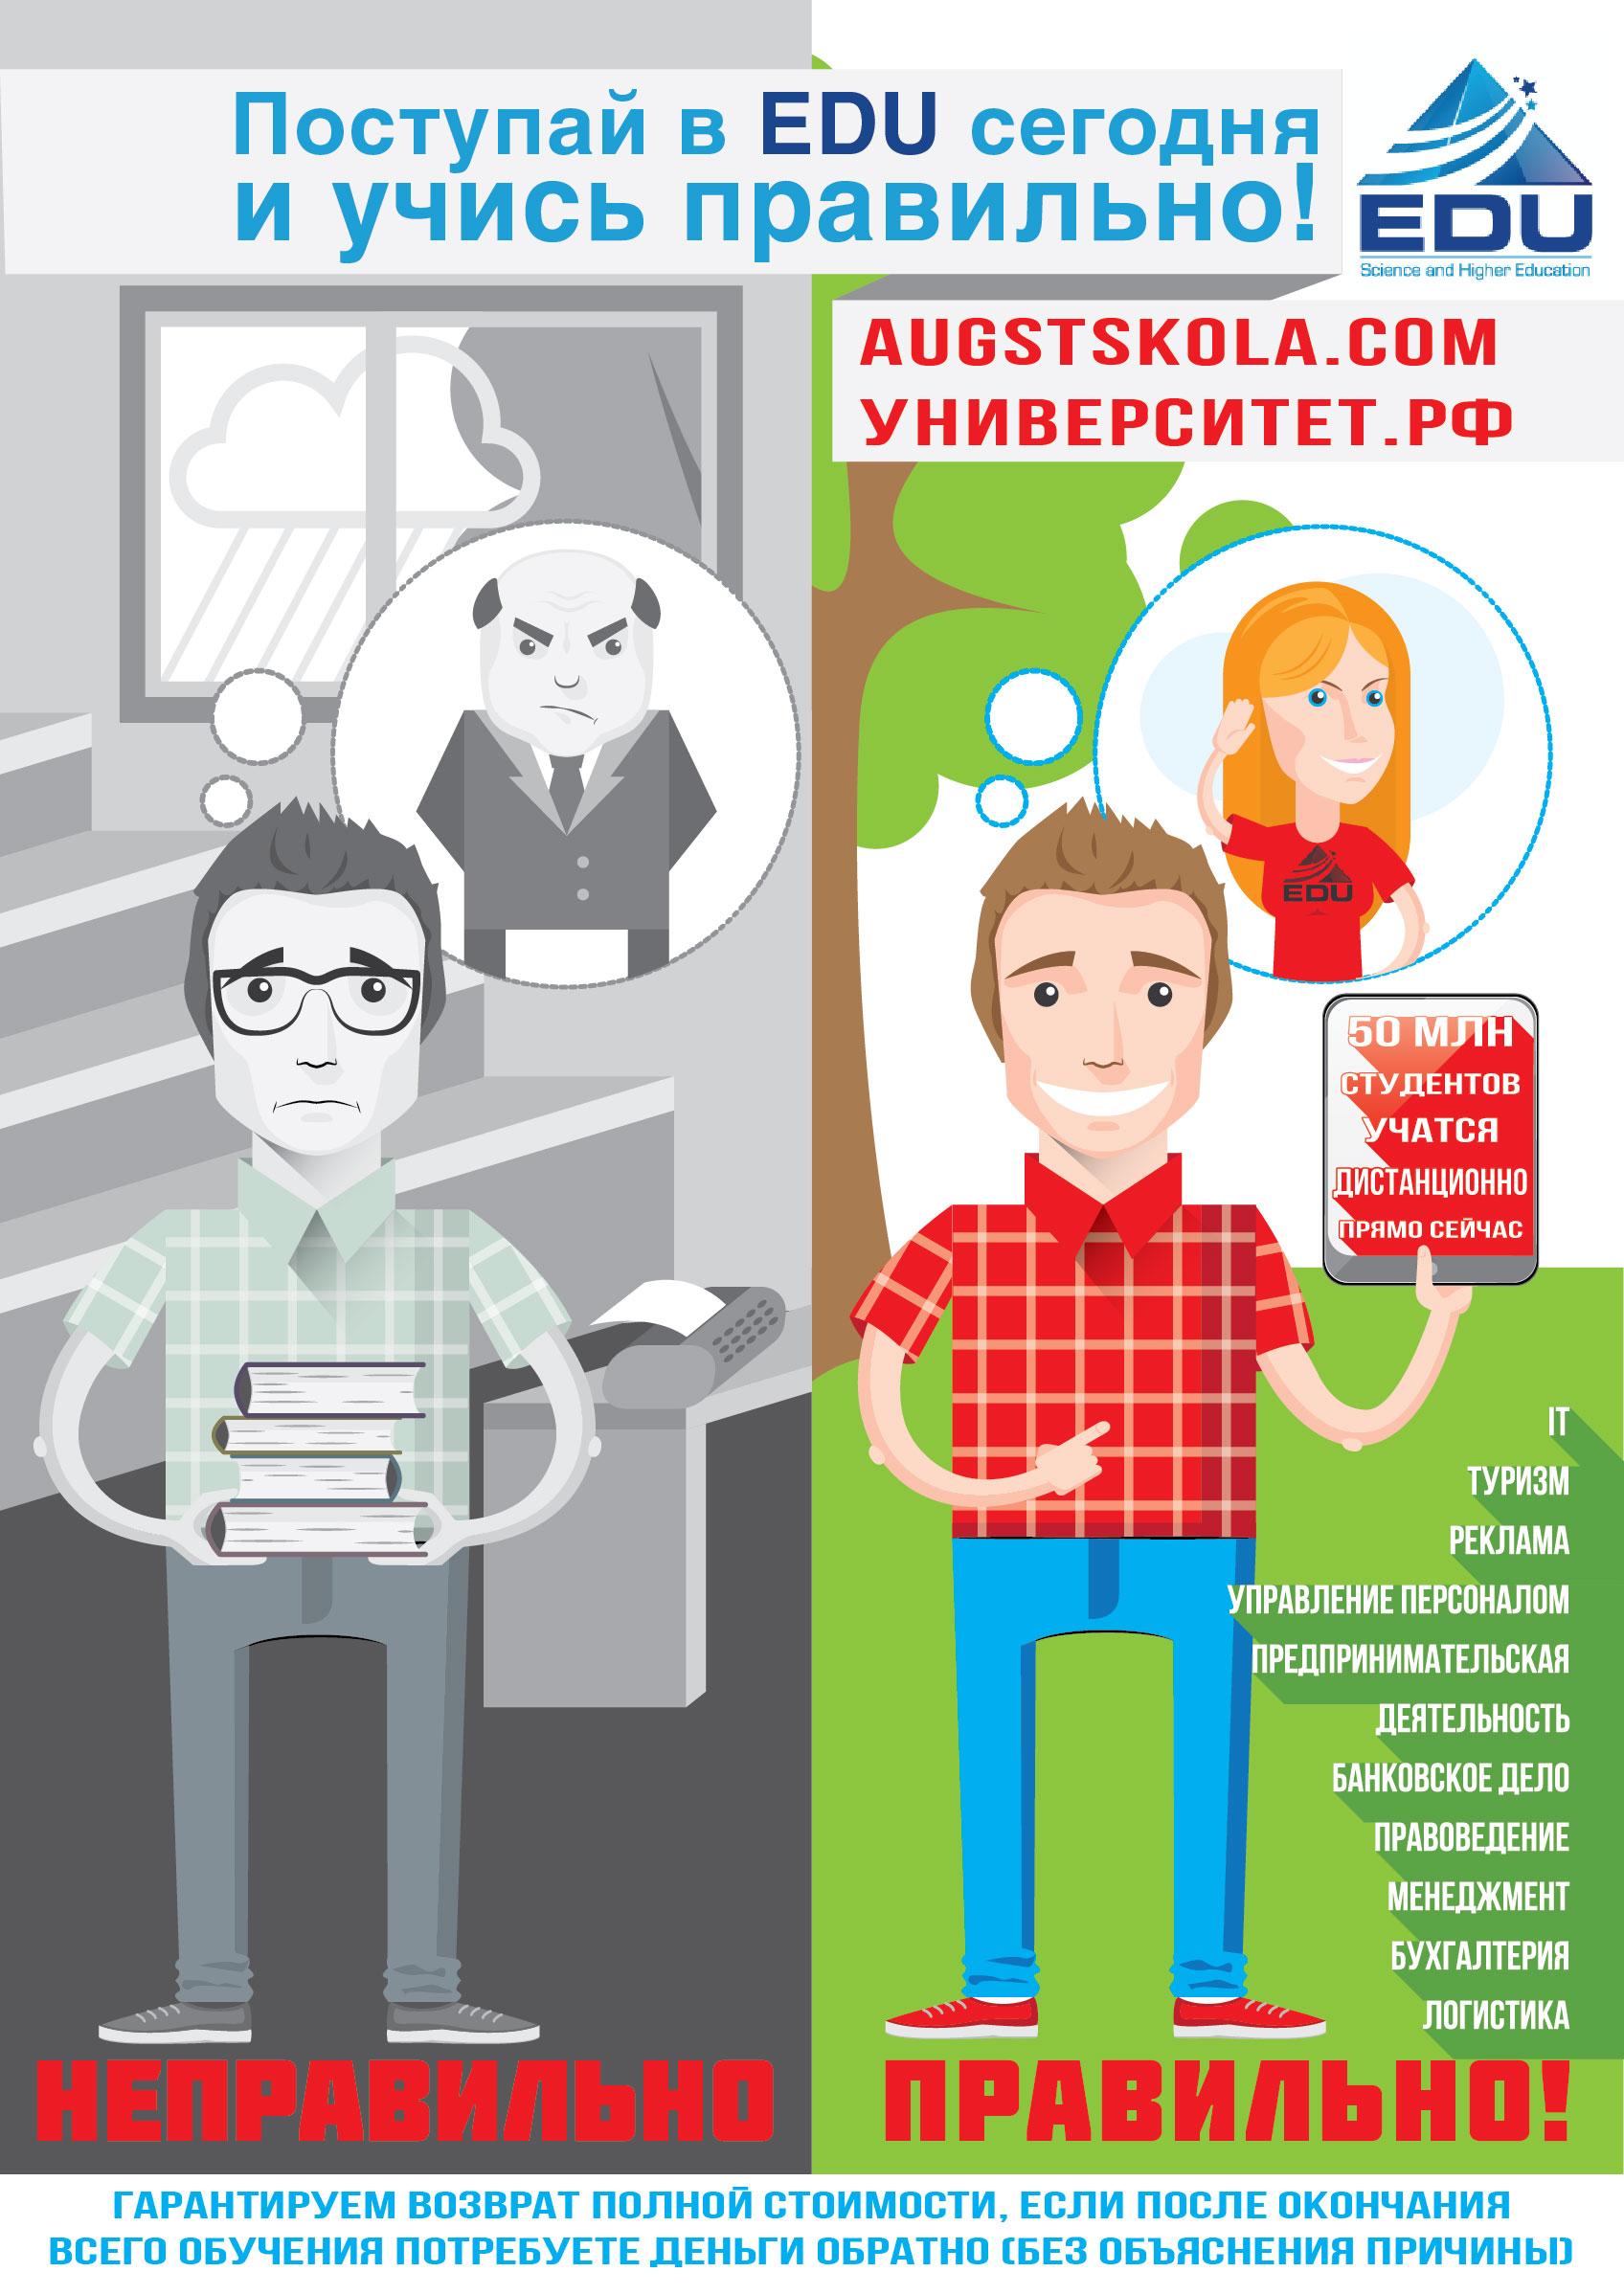 Университету требуется креативный плакат! фото f_28852ee296202720.jpg